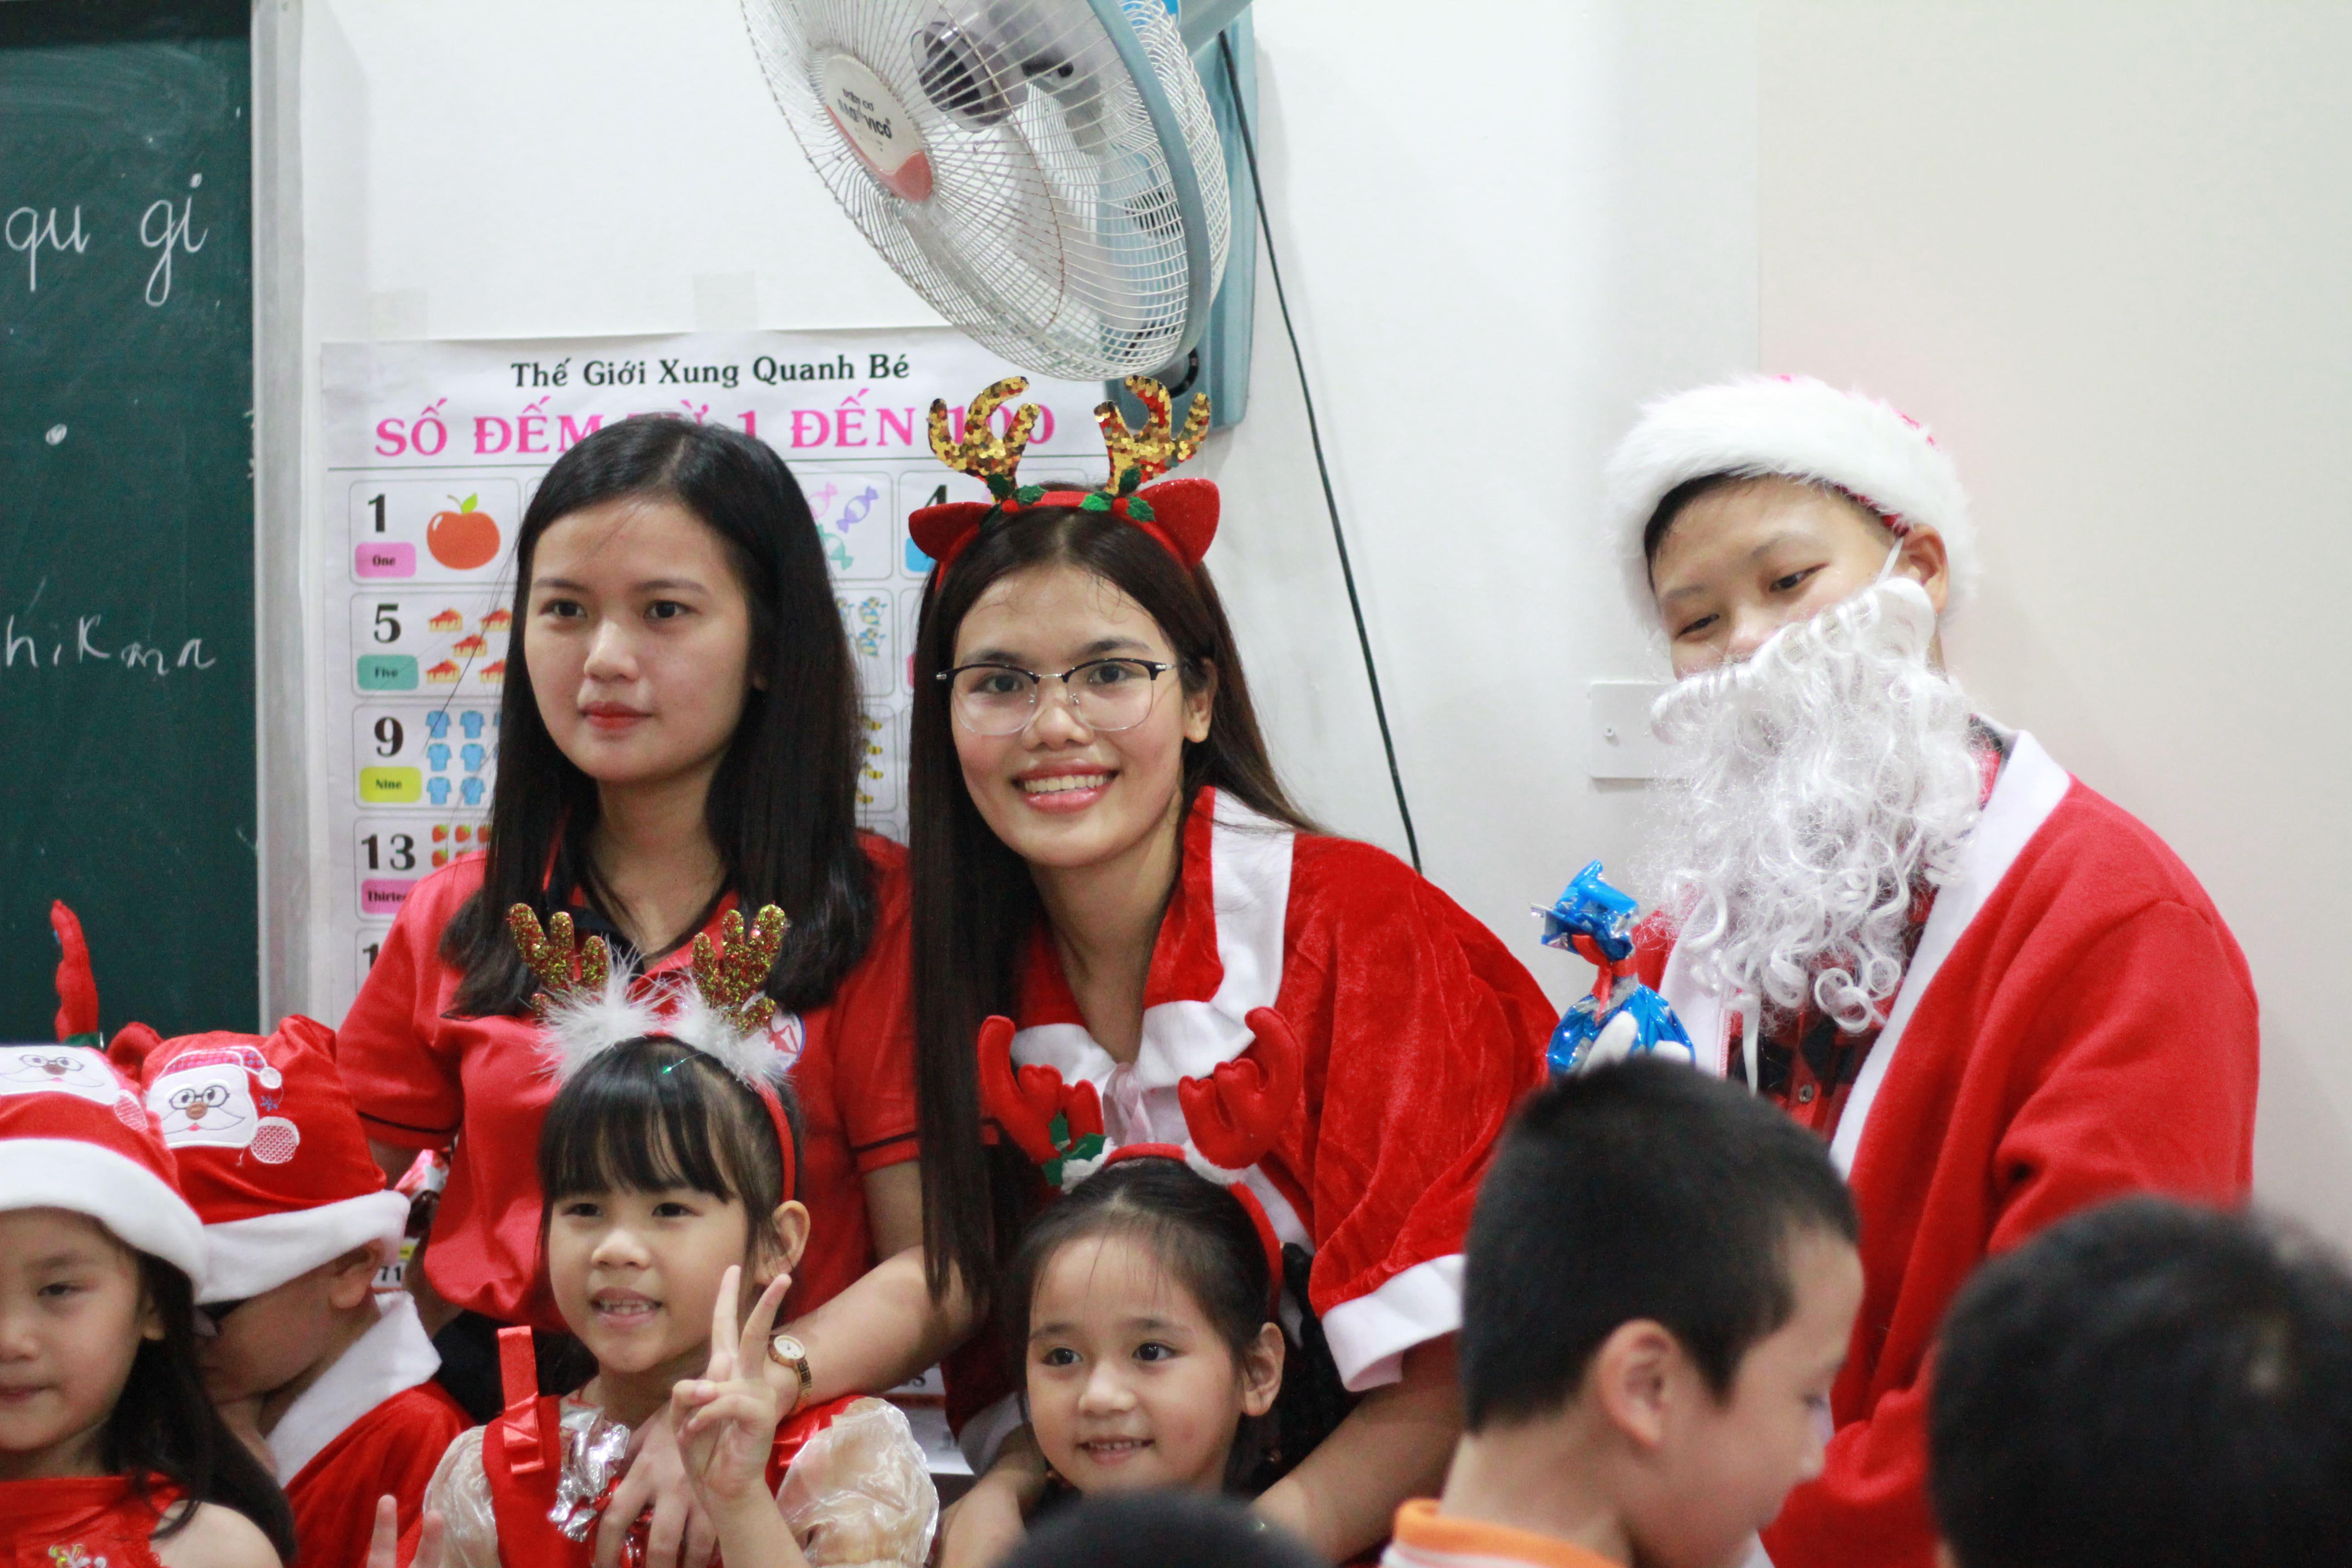 Giáng sinh và kỉ niệm 10 năm thành lập trung tâm Lan ANh